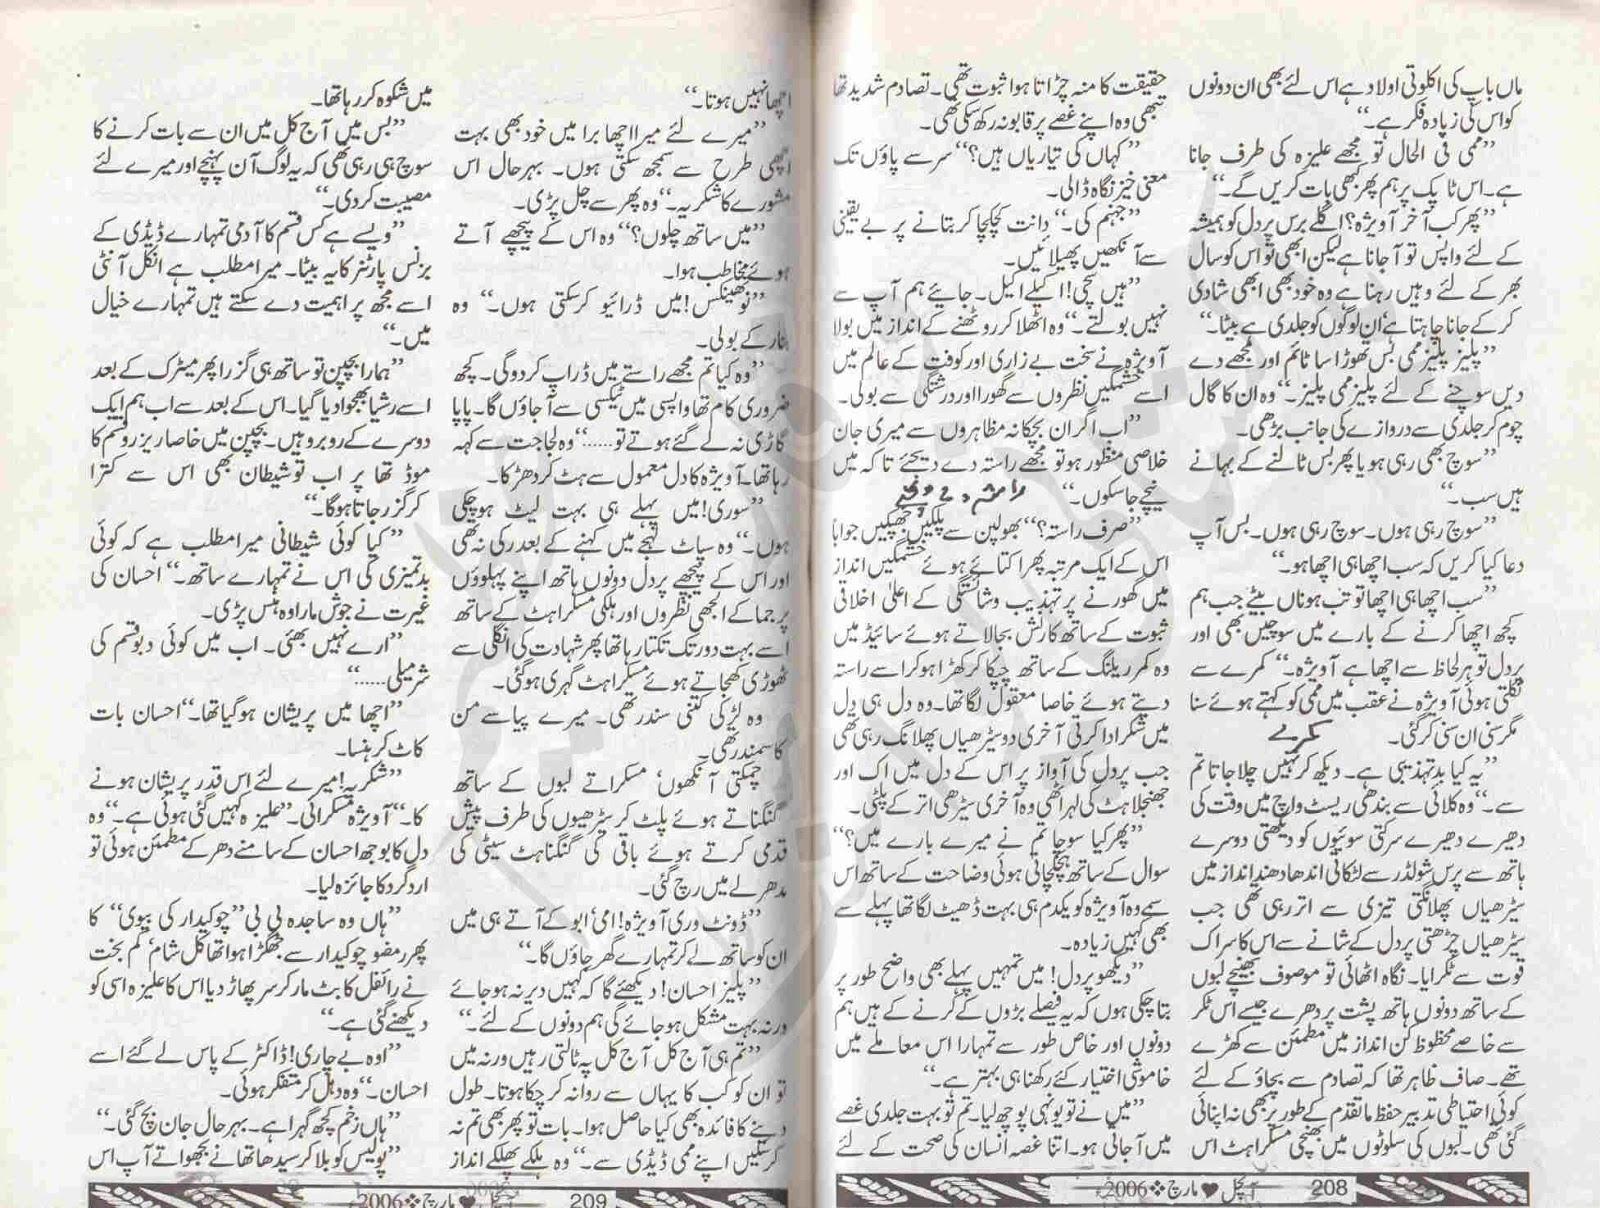 kitab dost koi dil ke khail deakhay novel by syeda gul